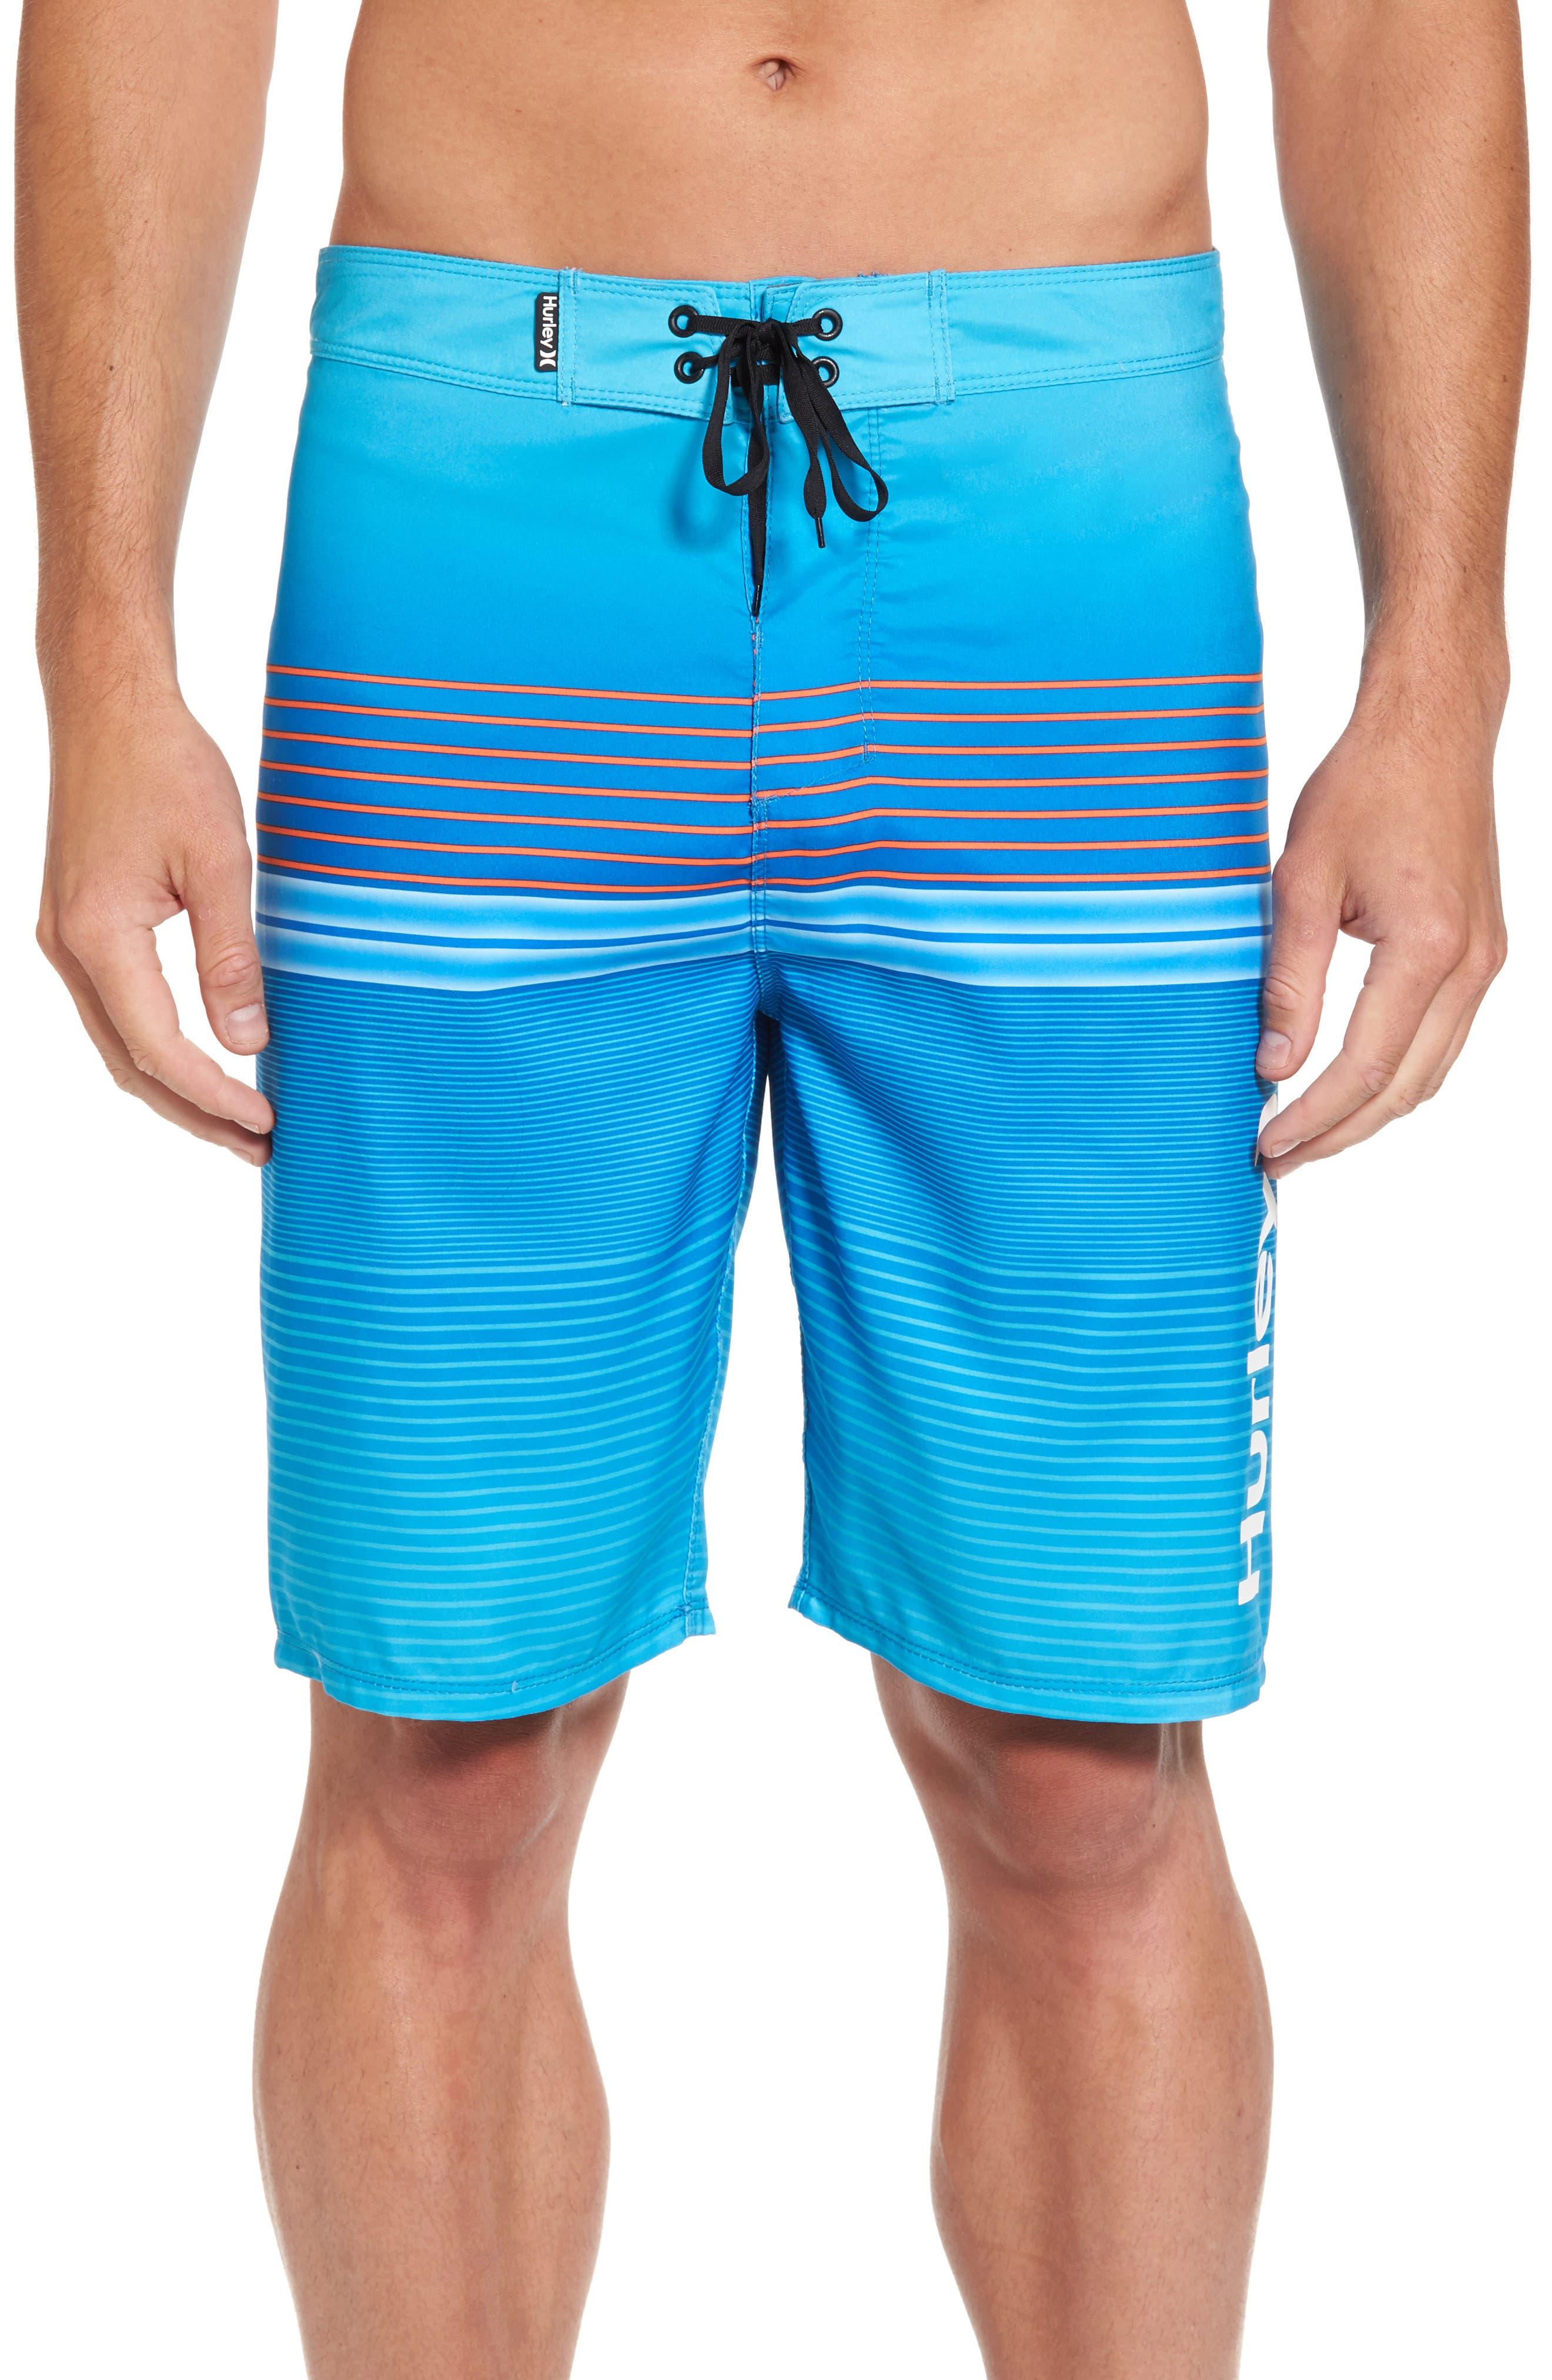 Hurley Clash Board Shorts